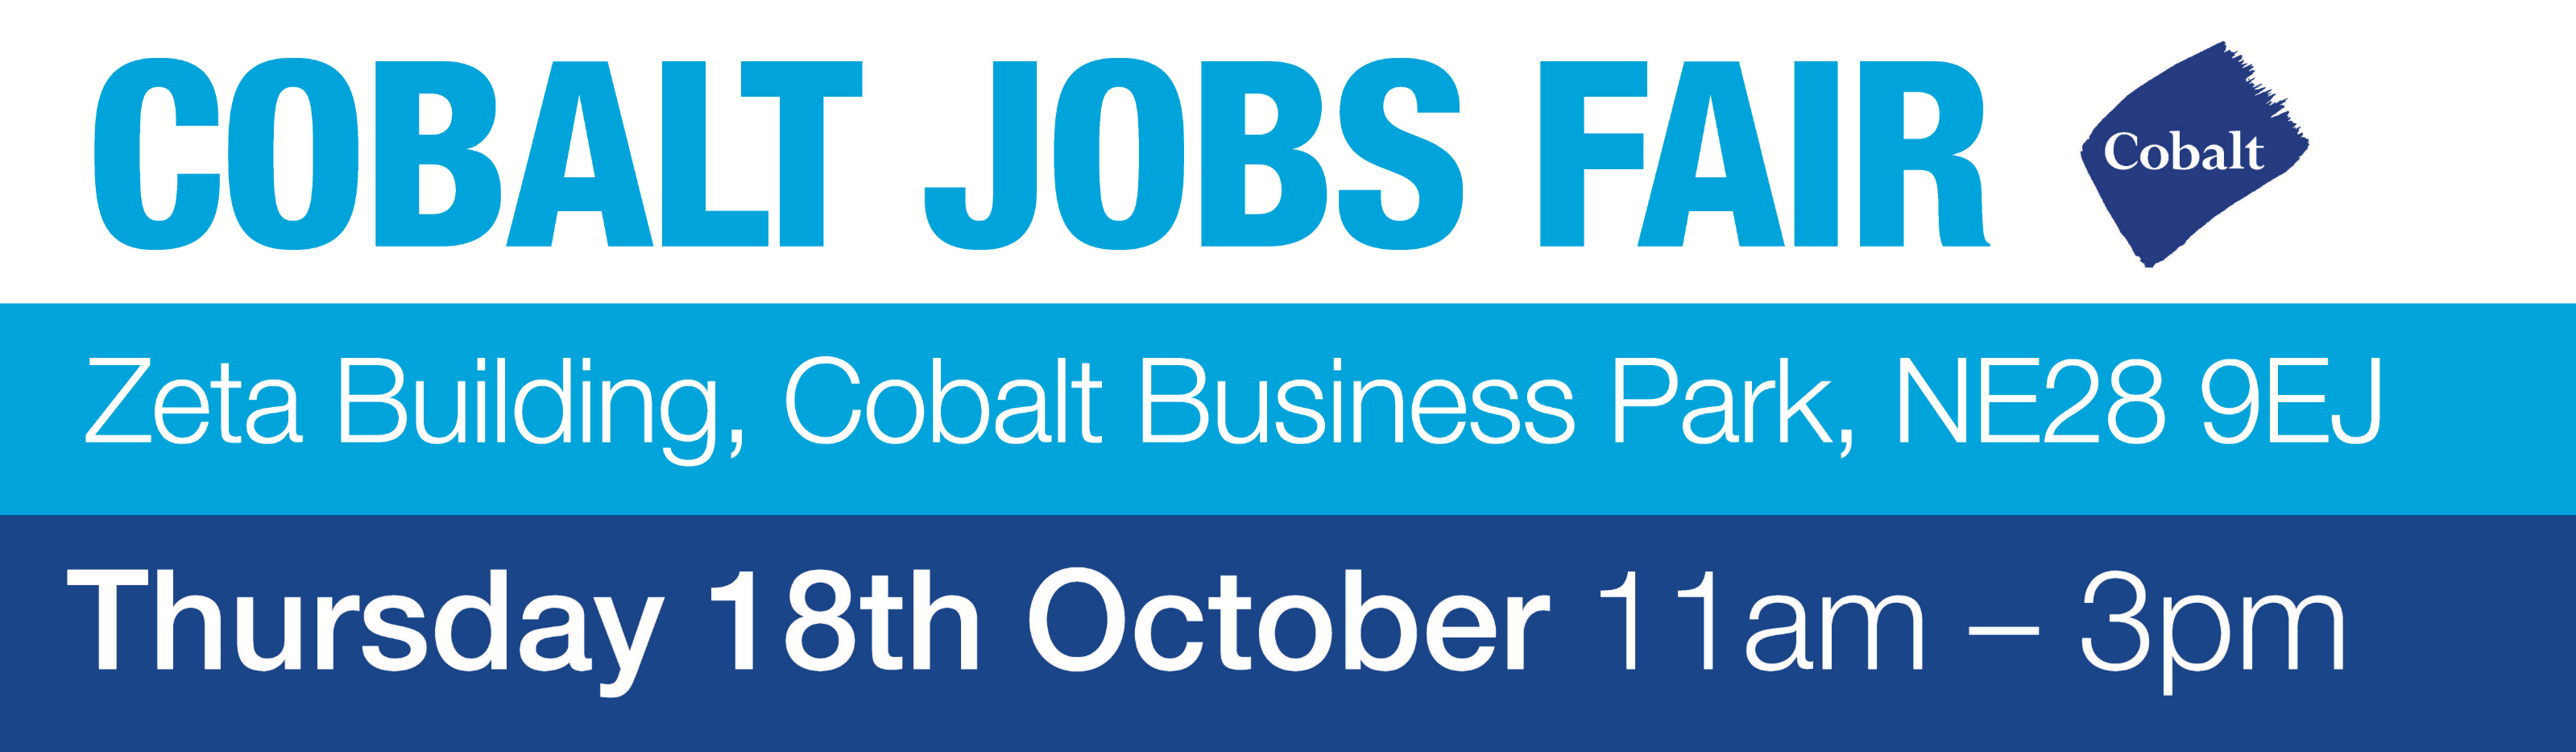 Cobalt Jobs Fair. Thursday 18th October, 2018, 11AM - 3PM. Cobalt 23